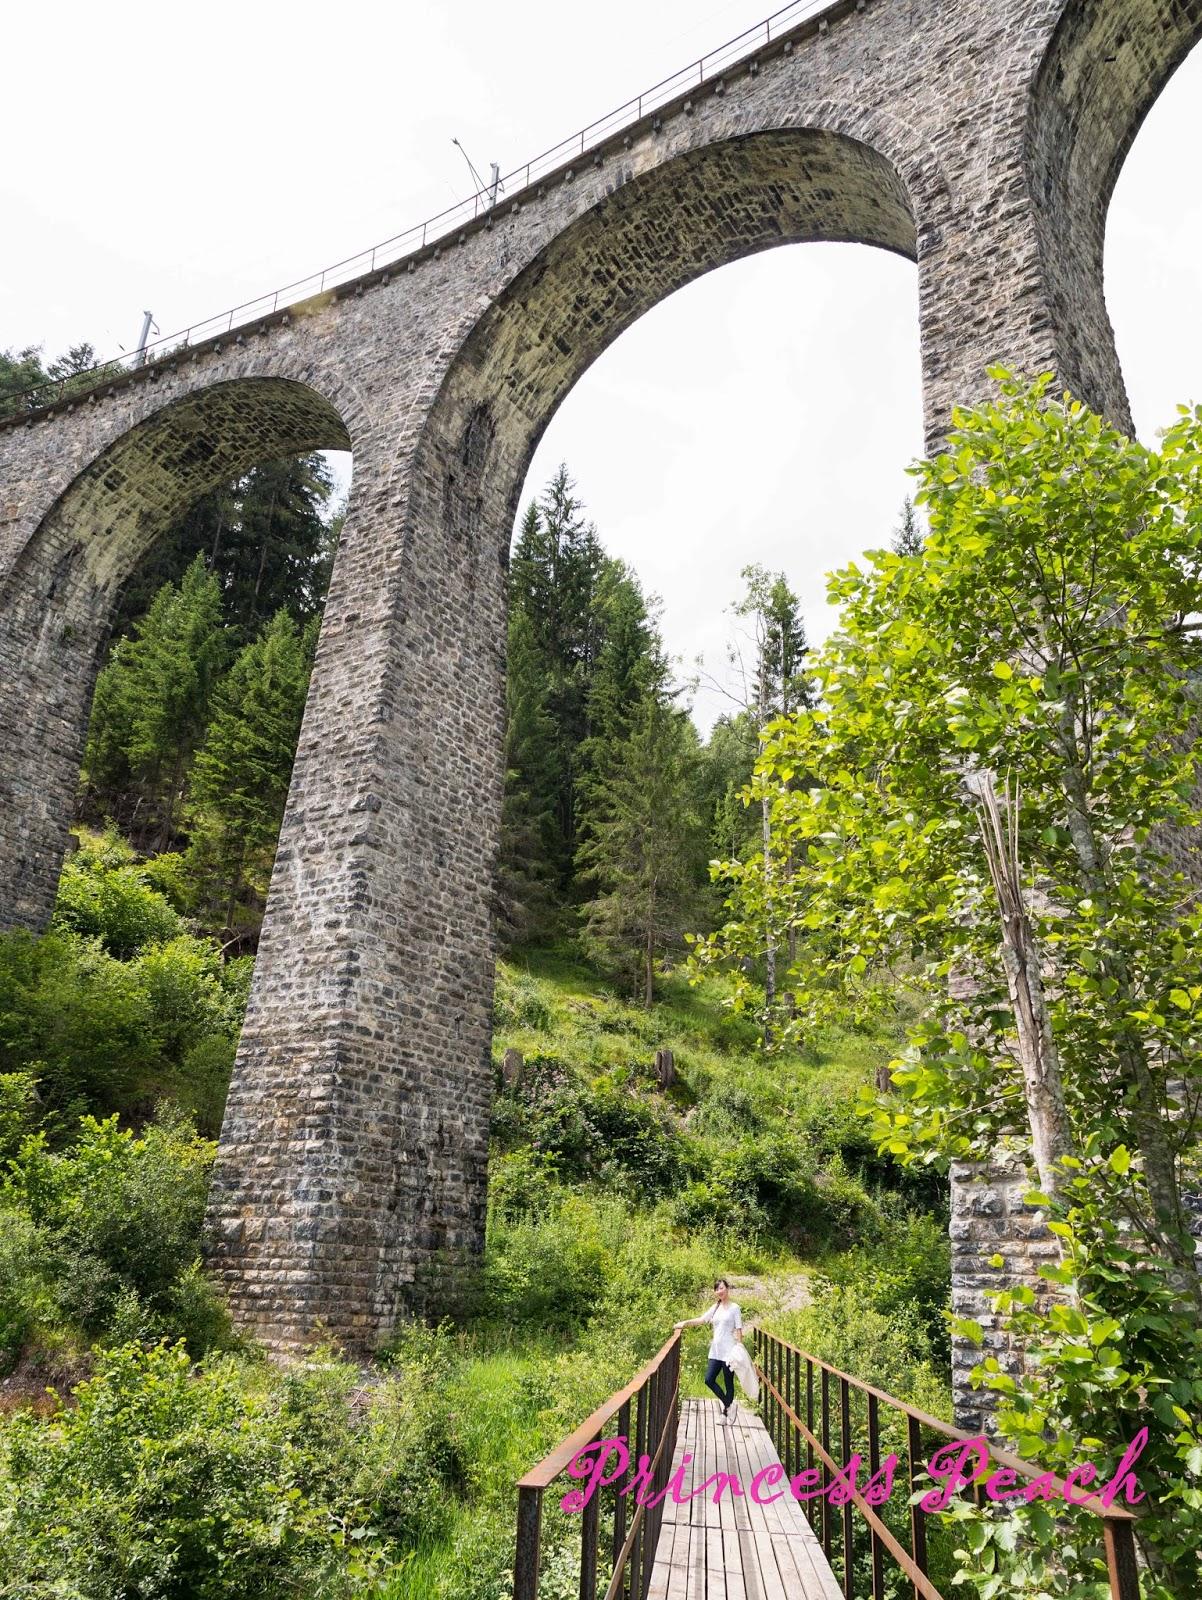 蘭德瓦沙拱橋